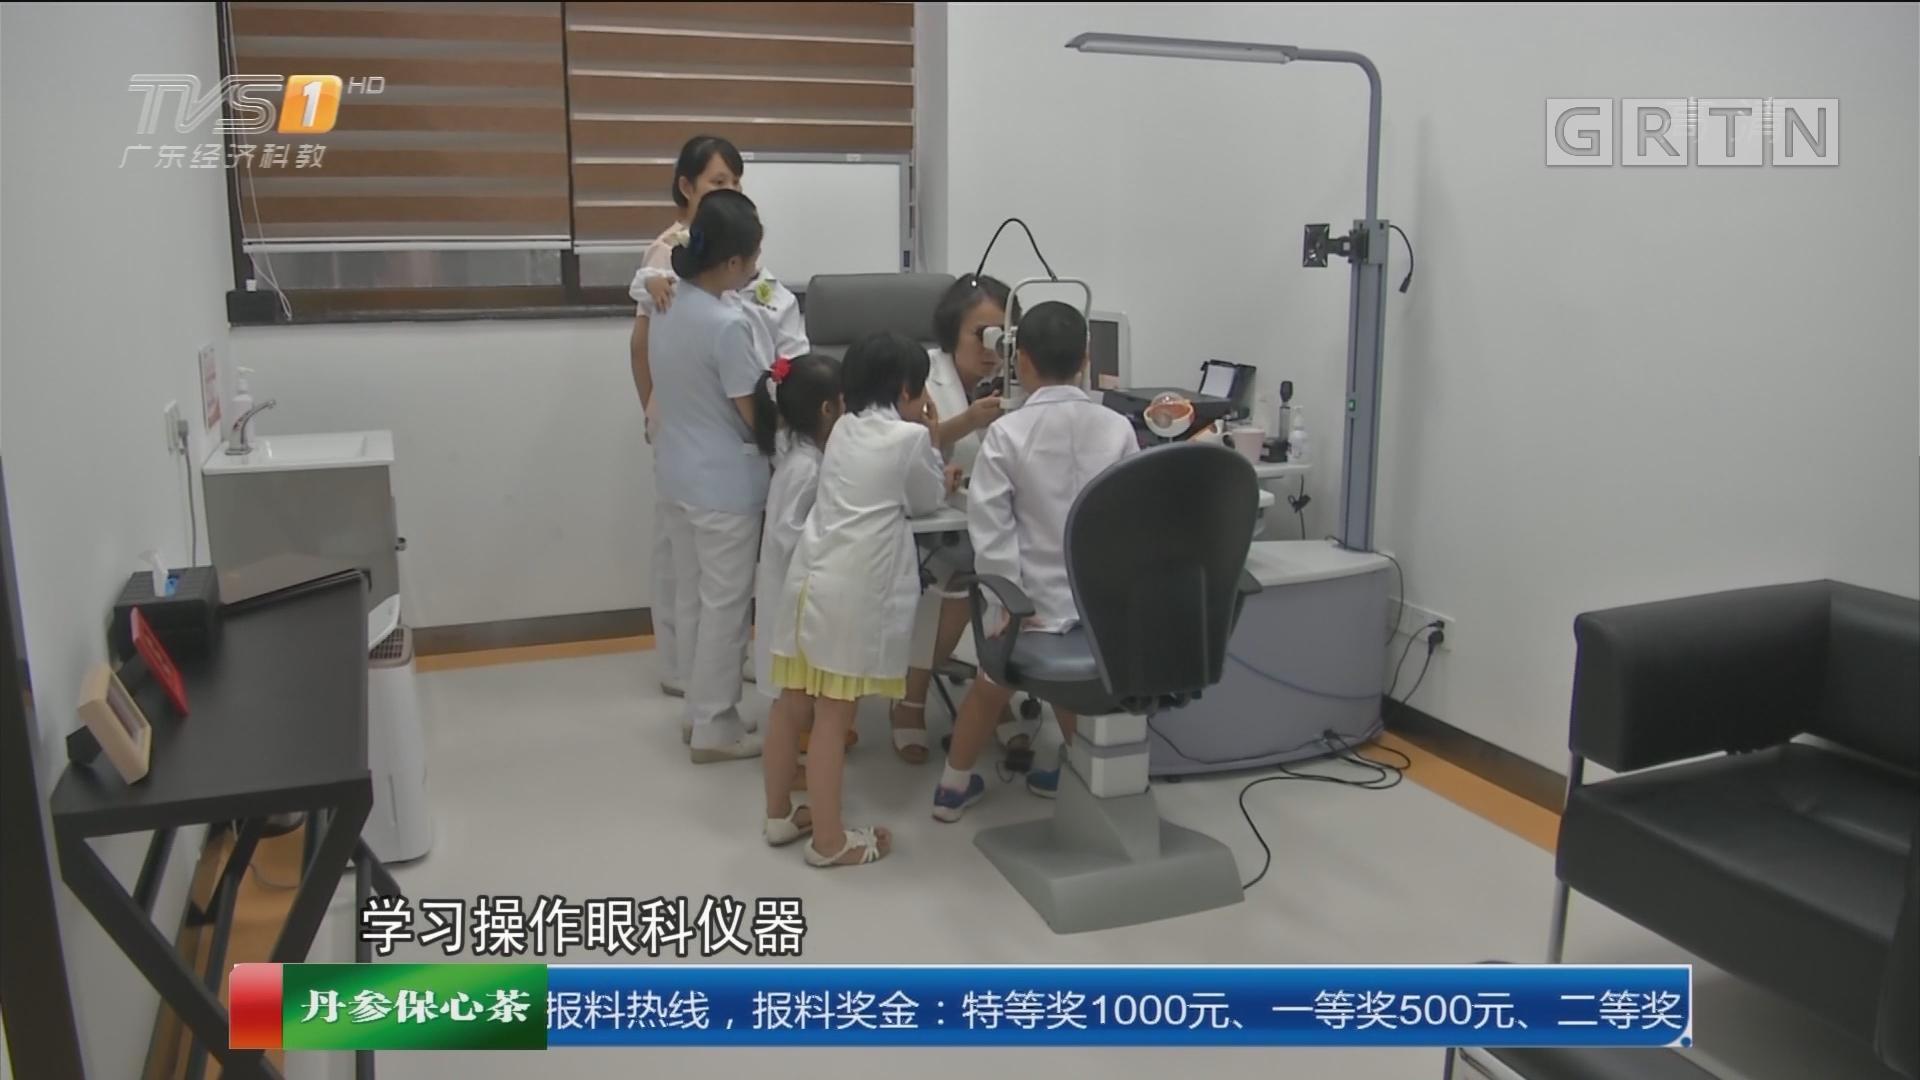 广州:暑假更易患近视 最直接原因疲劳